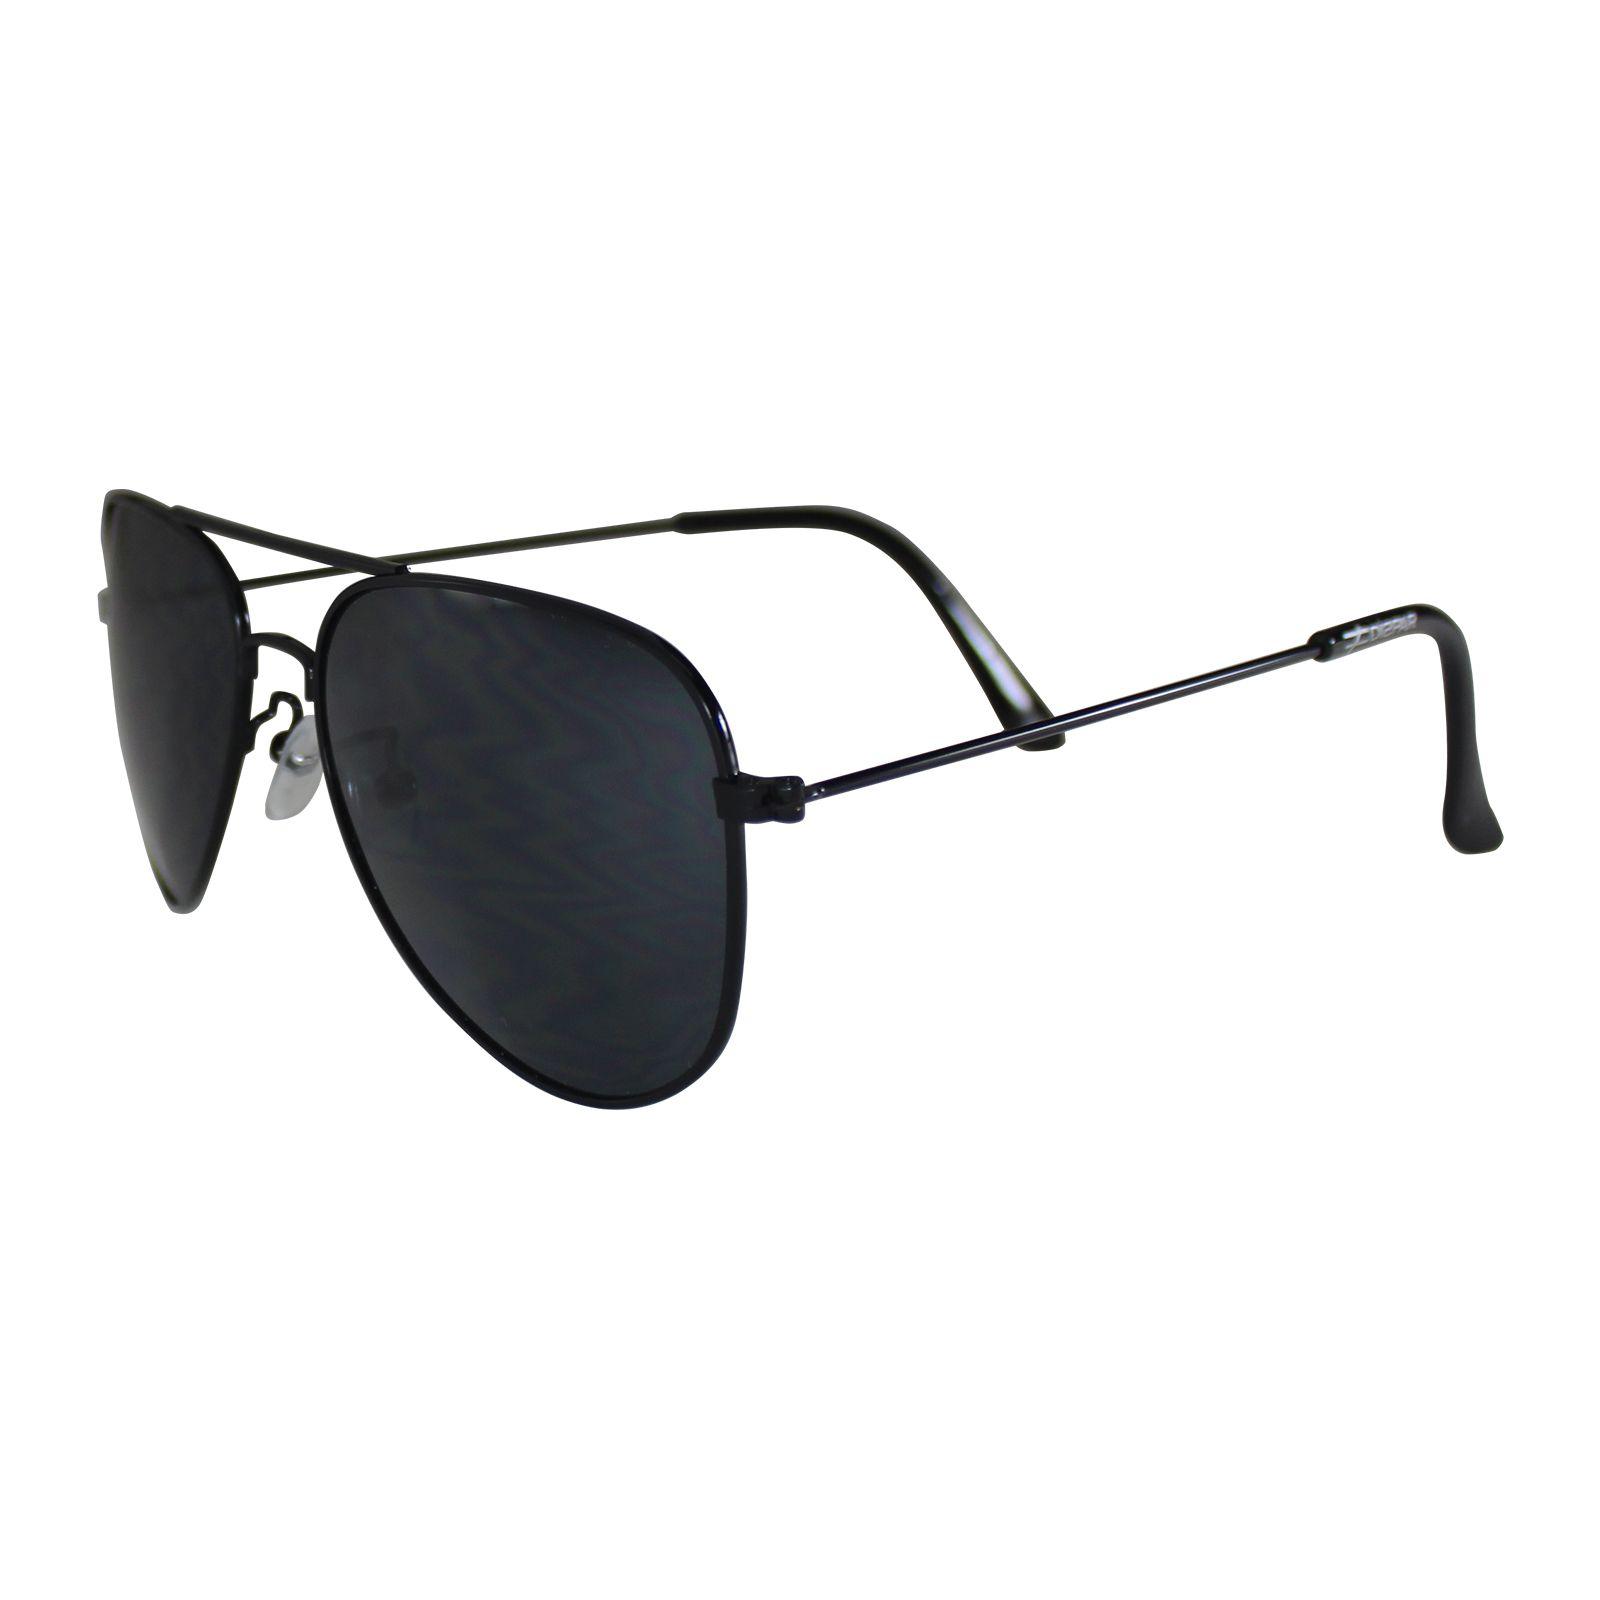 02e8f1b5b Óculos De Sol Díspar D1629 Preto